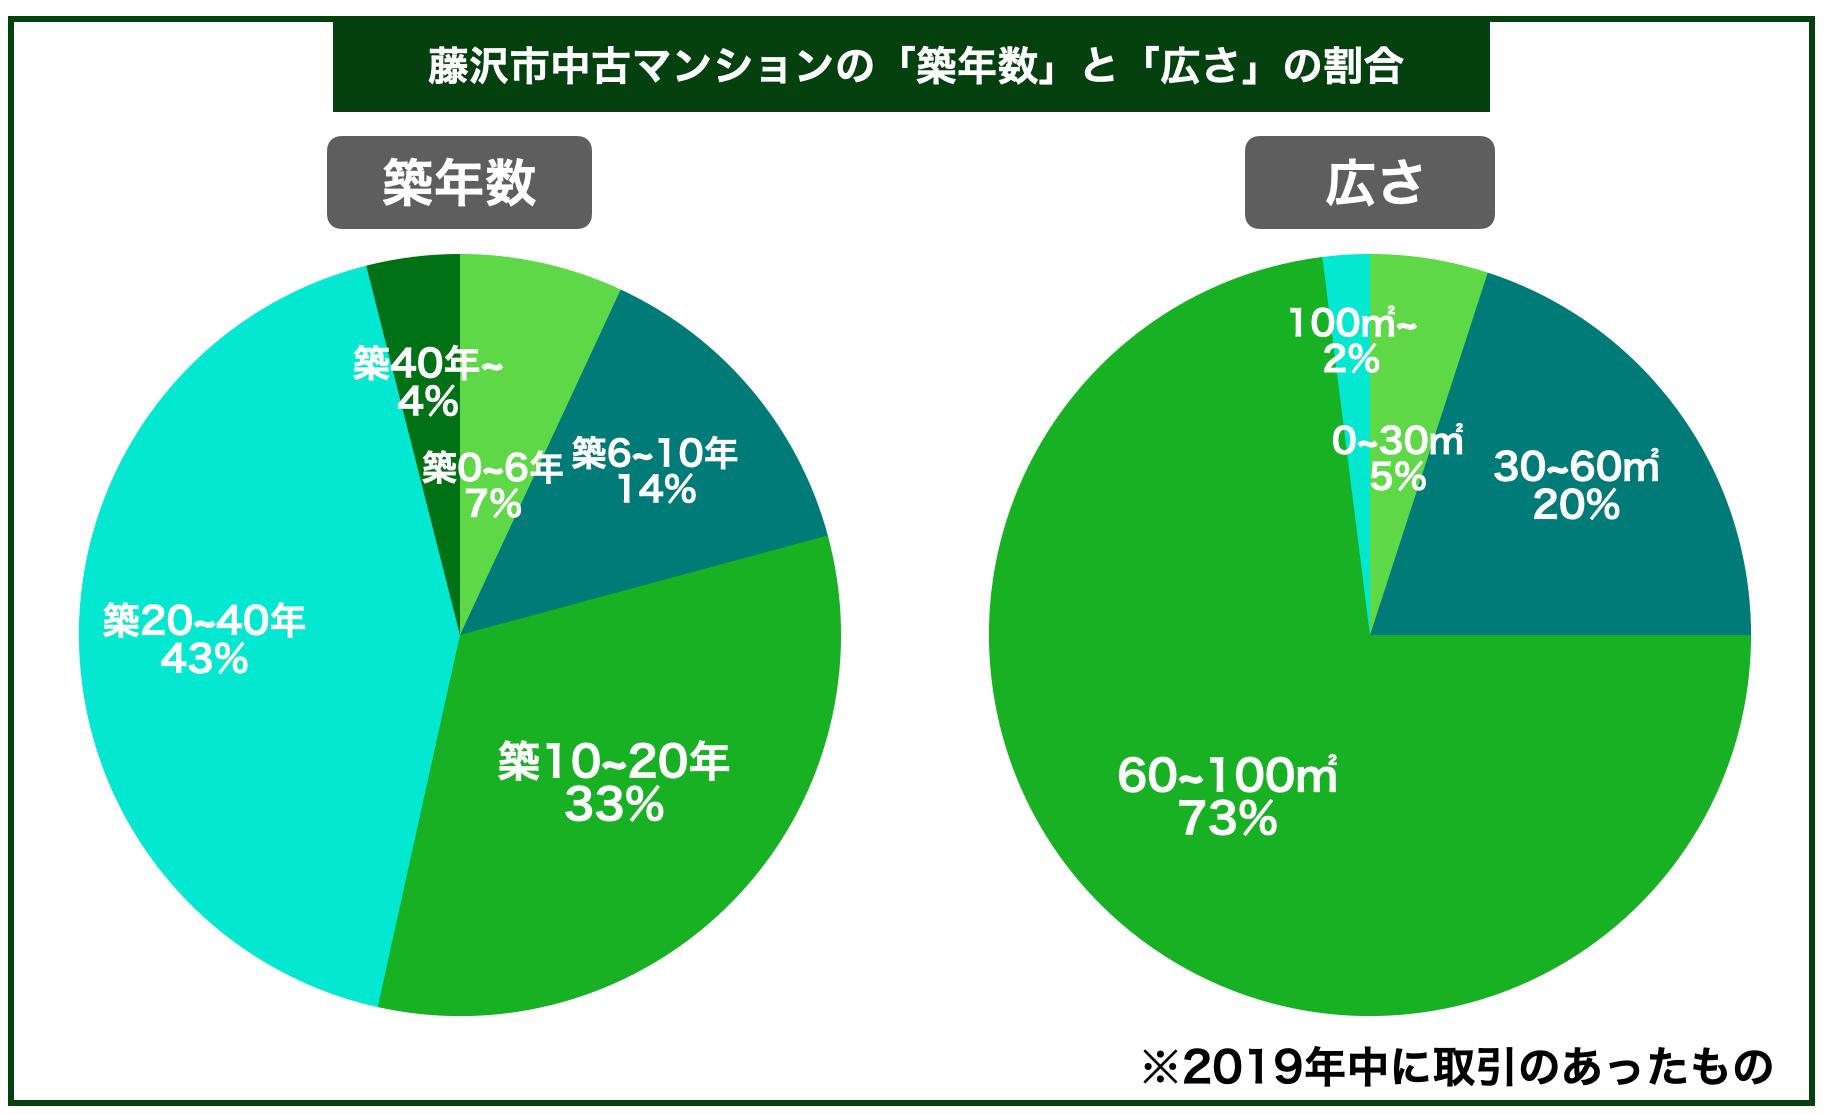 藤沢市マンション築年数広さ割合